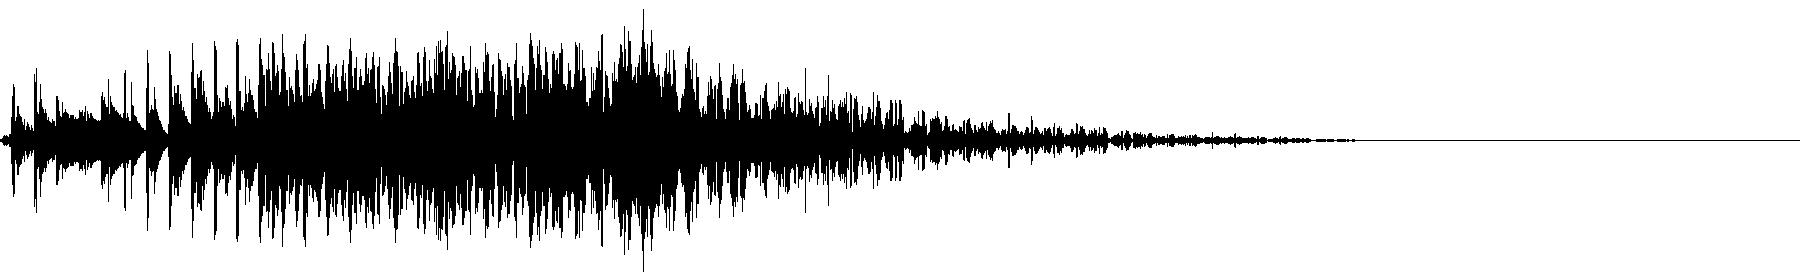 bluezone xworld sound 072